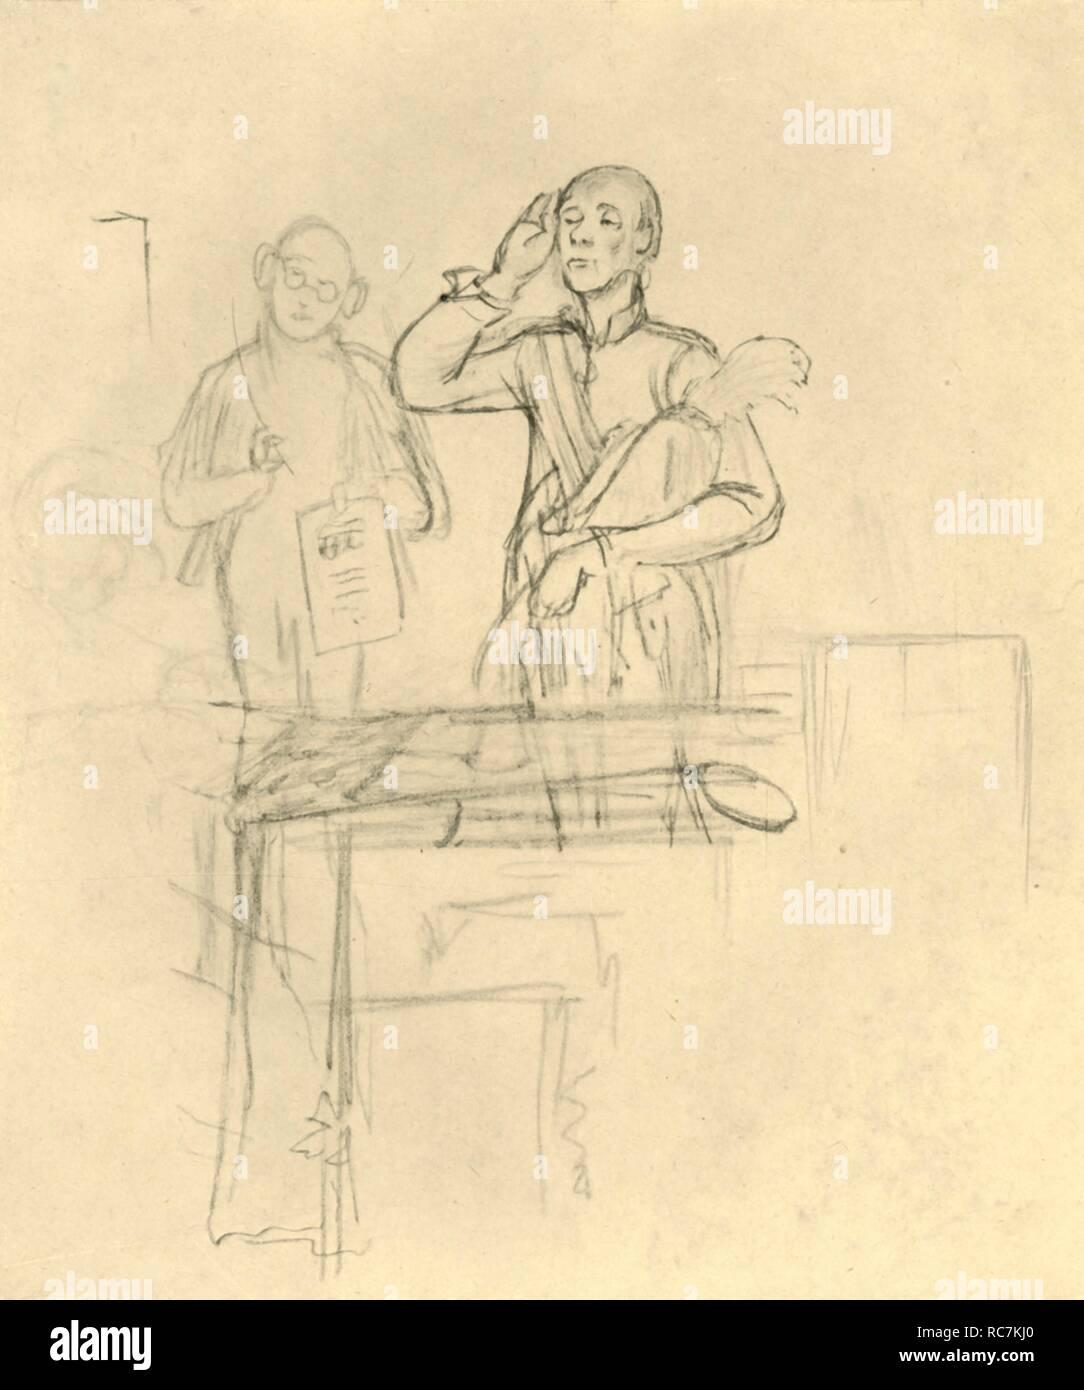 """'Die Meldung', mid-late 19th century, (c1924). 'The announcement'. From """"Die gute alte Zeit: Zeichnungen von Karl Spitzweg"""", (The Good Old Days: drawings by Karl Spitzweg). [Benjamin Harz, Berlin-Vienna, c1924] - Stock Image"""